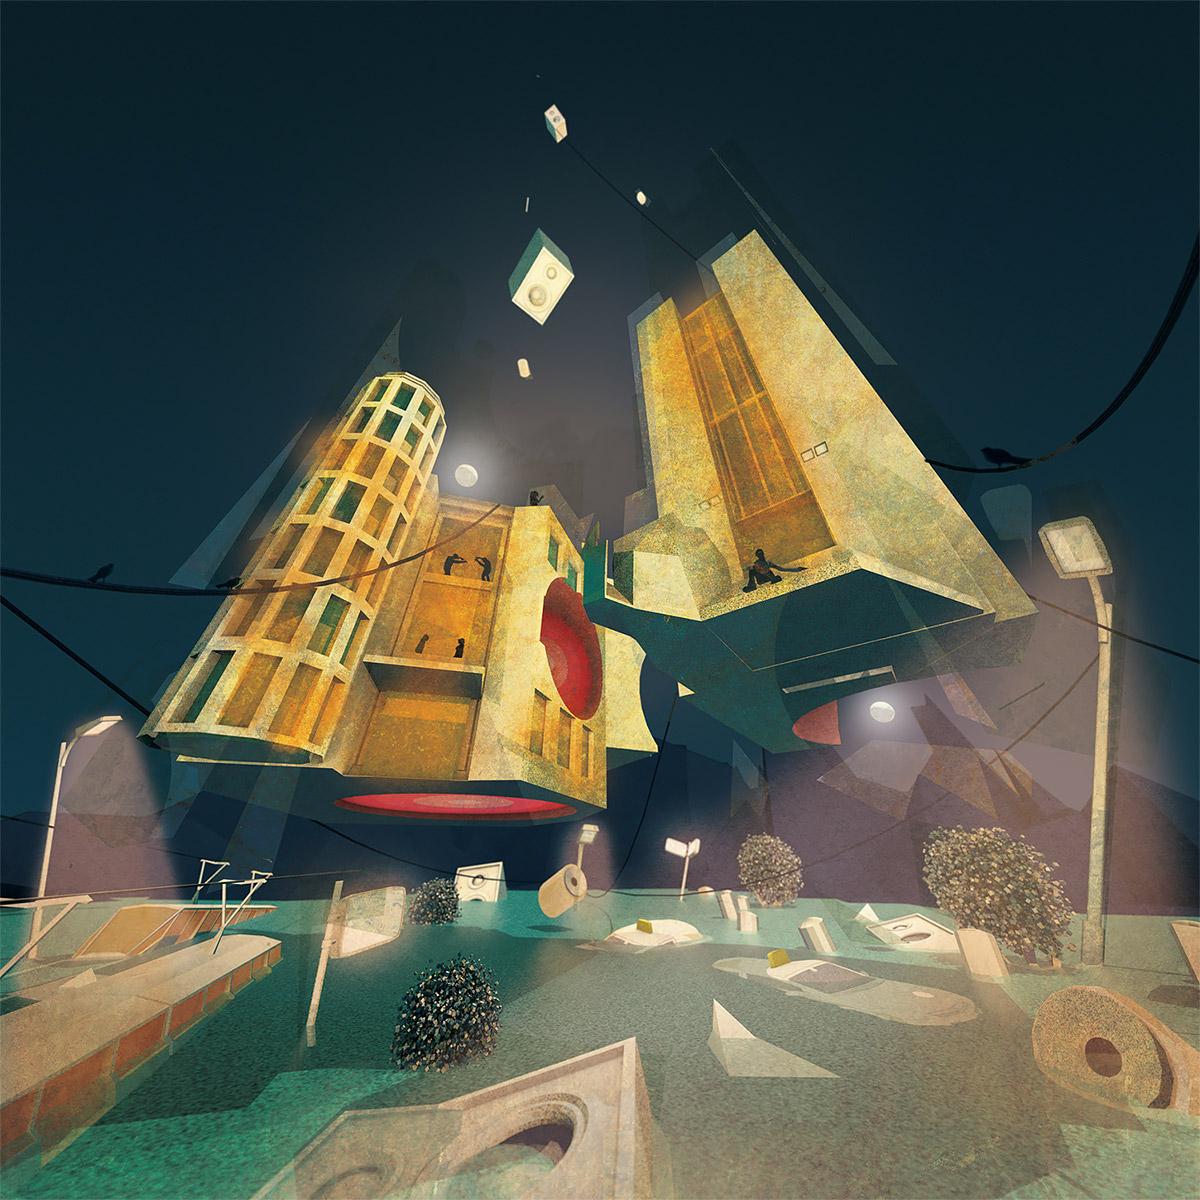 Illustrations by Kobi Vogman